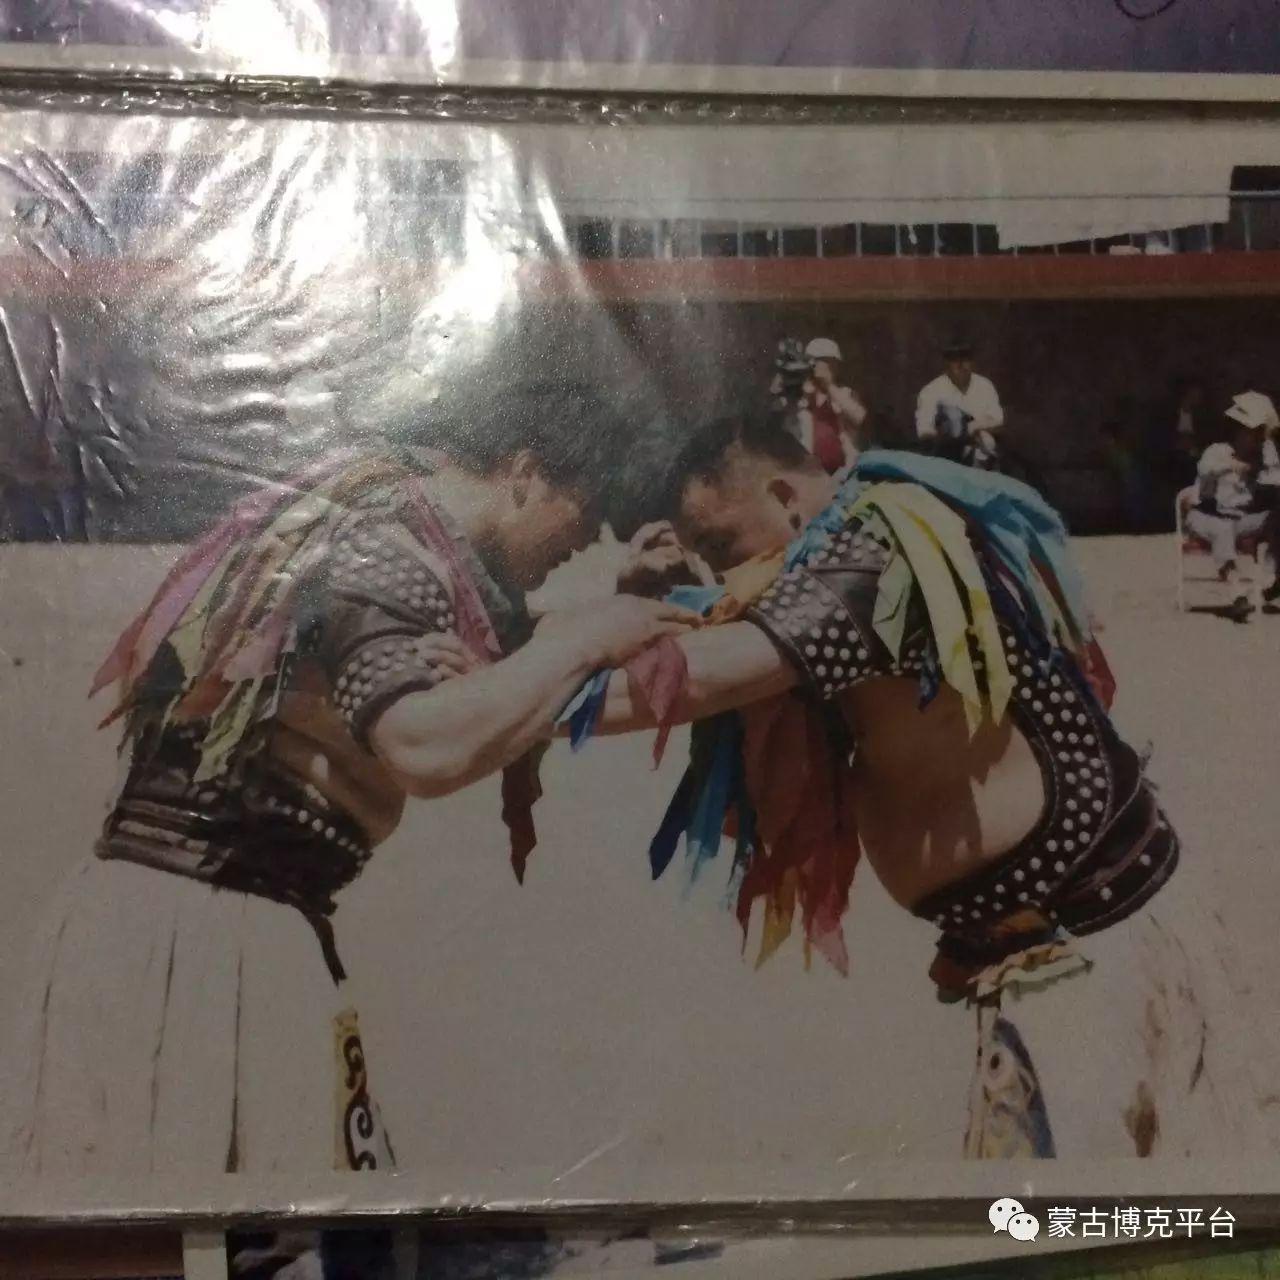 蒙古博克-老前辈们(图片) 第20张 蒙古博克-老前辈们(图片) 蒙古文化